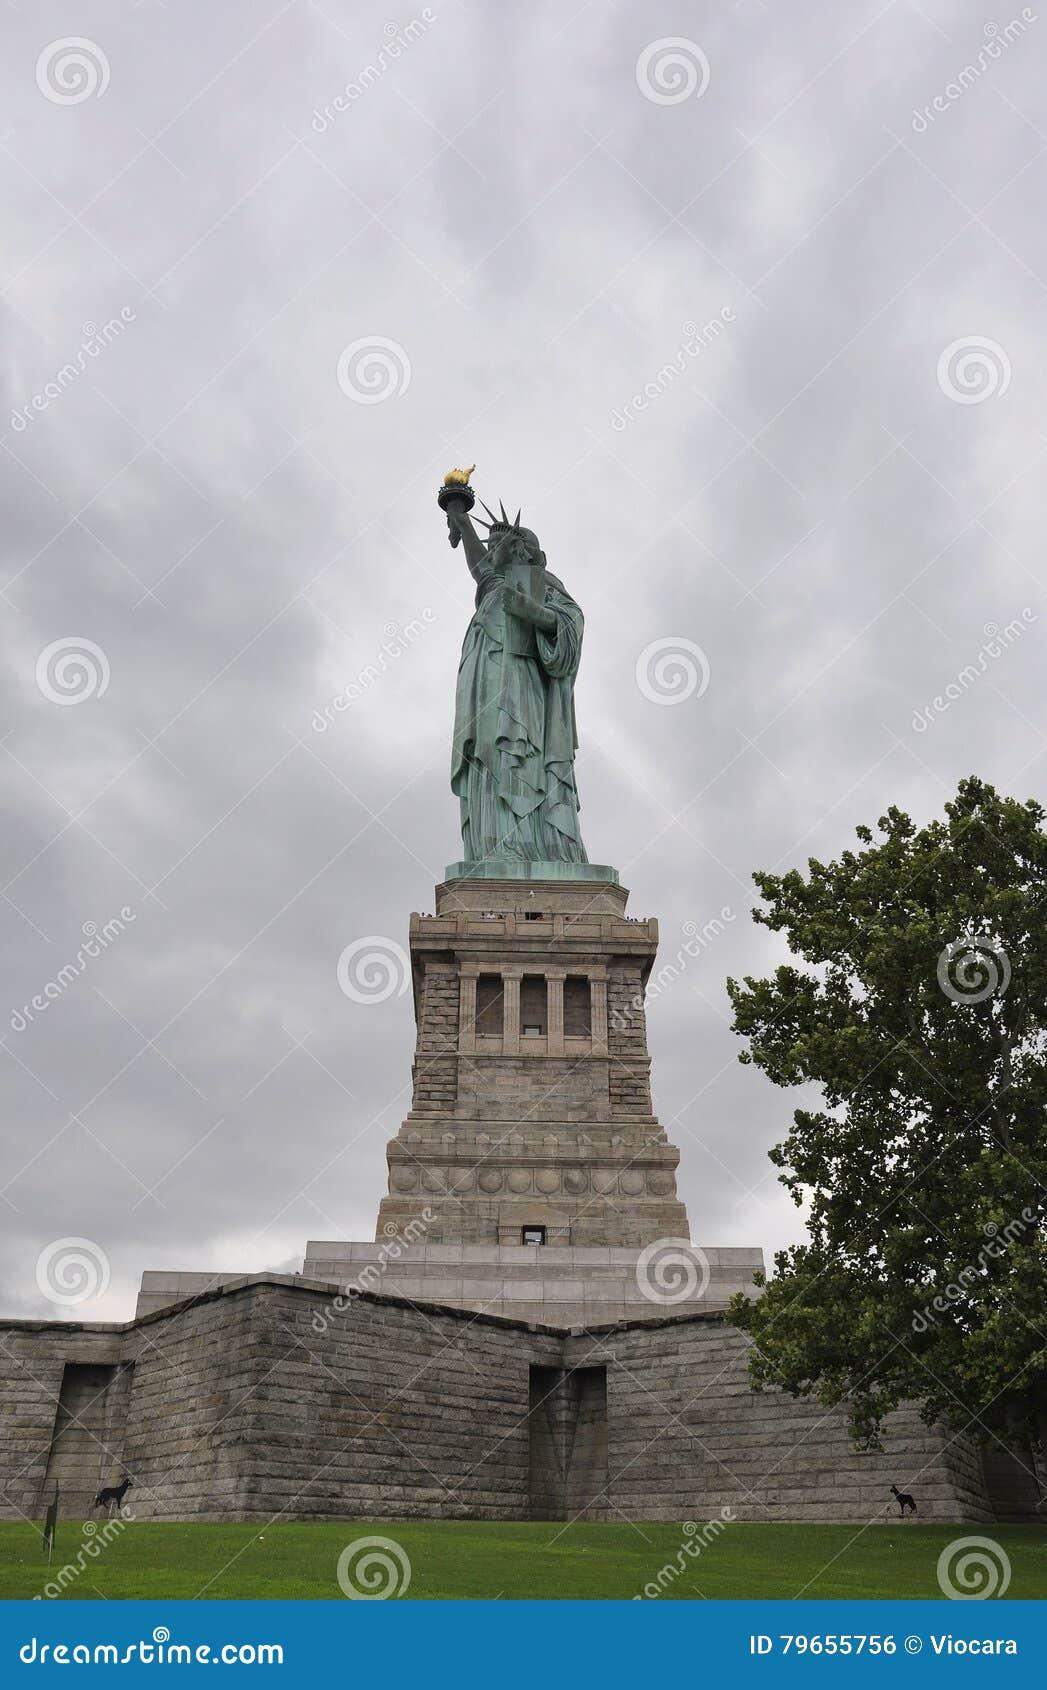 Нью-Йорк, 2-ое августа: Статуя свободы на драматическом небе в Нью-Йорке